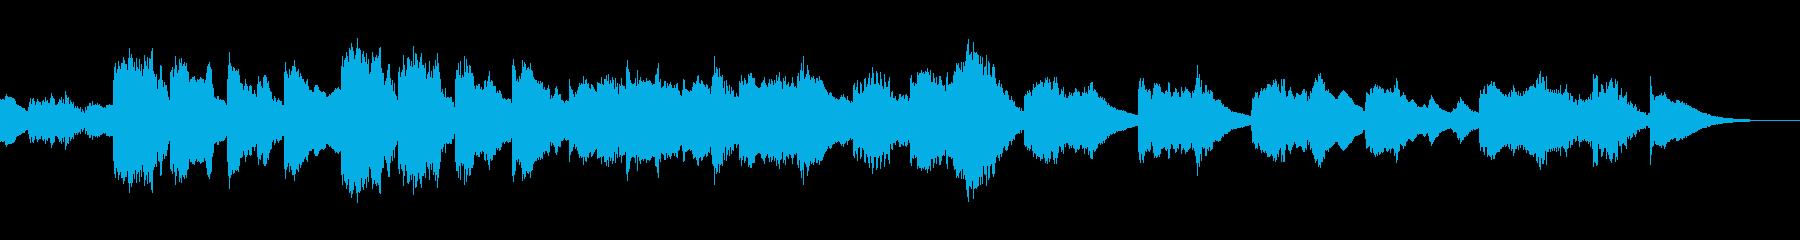 アニメ風の怪しくコミカルなマリンバの曲の再生済みの波形